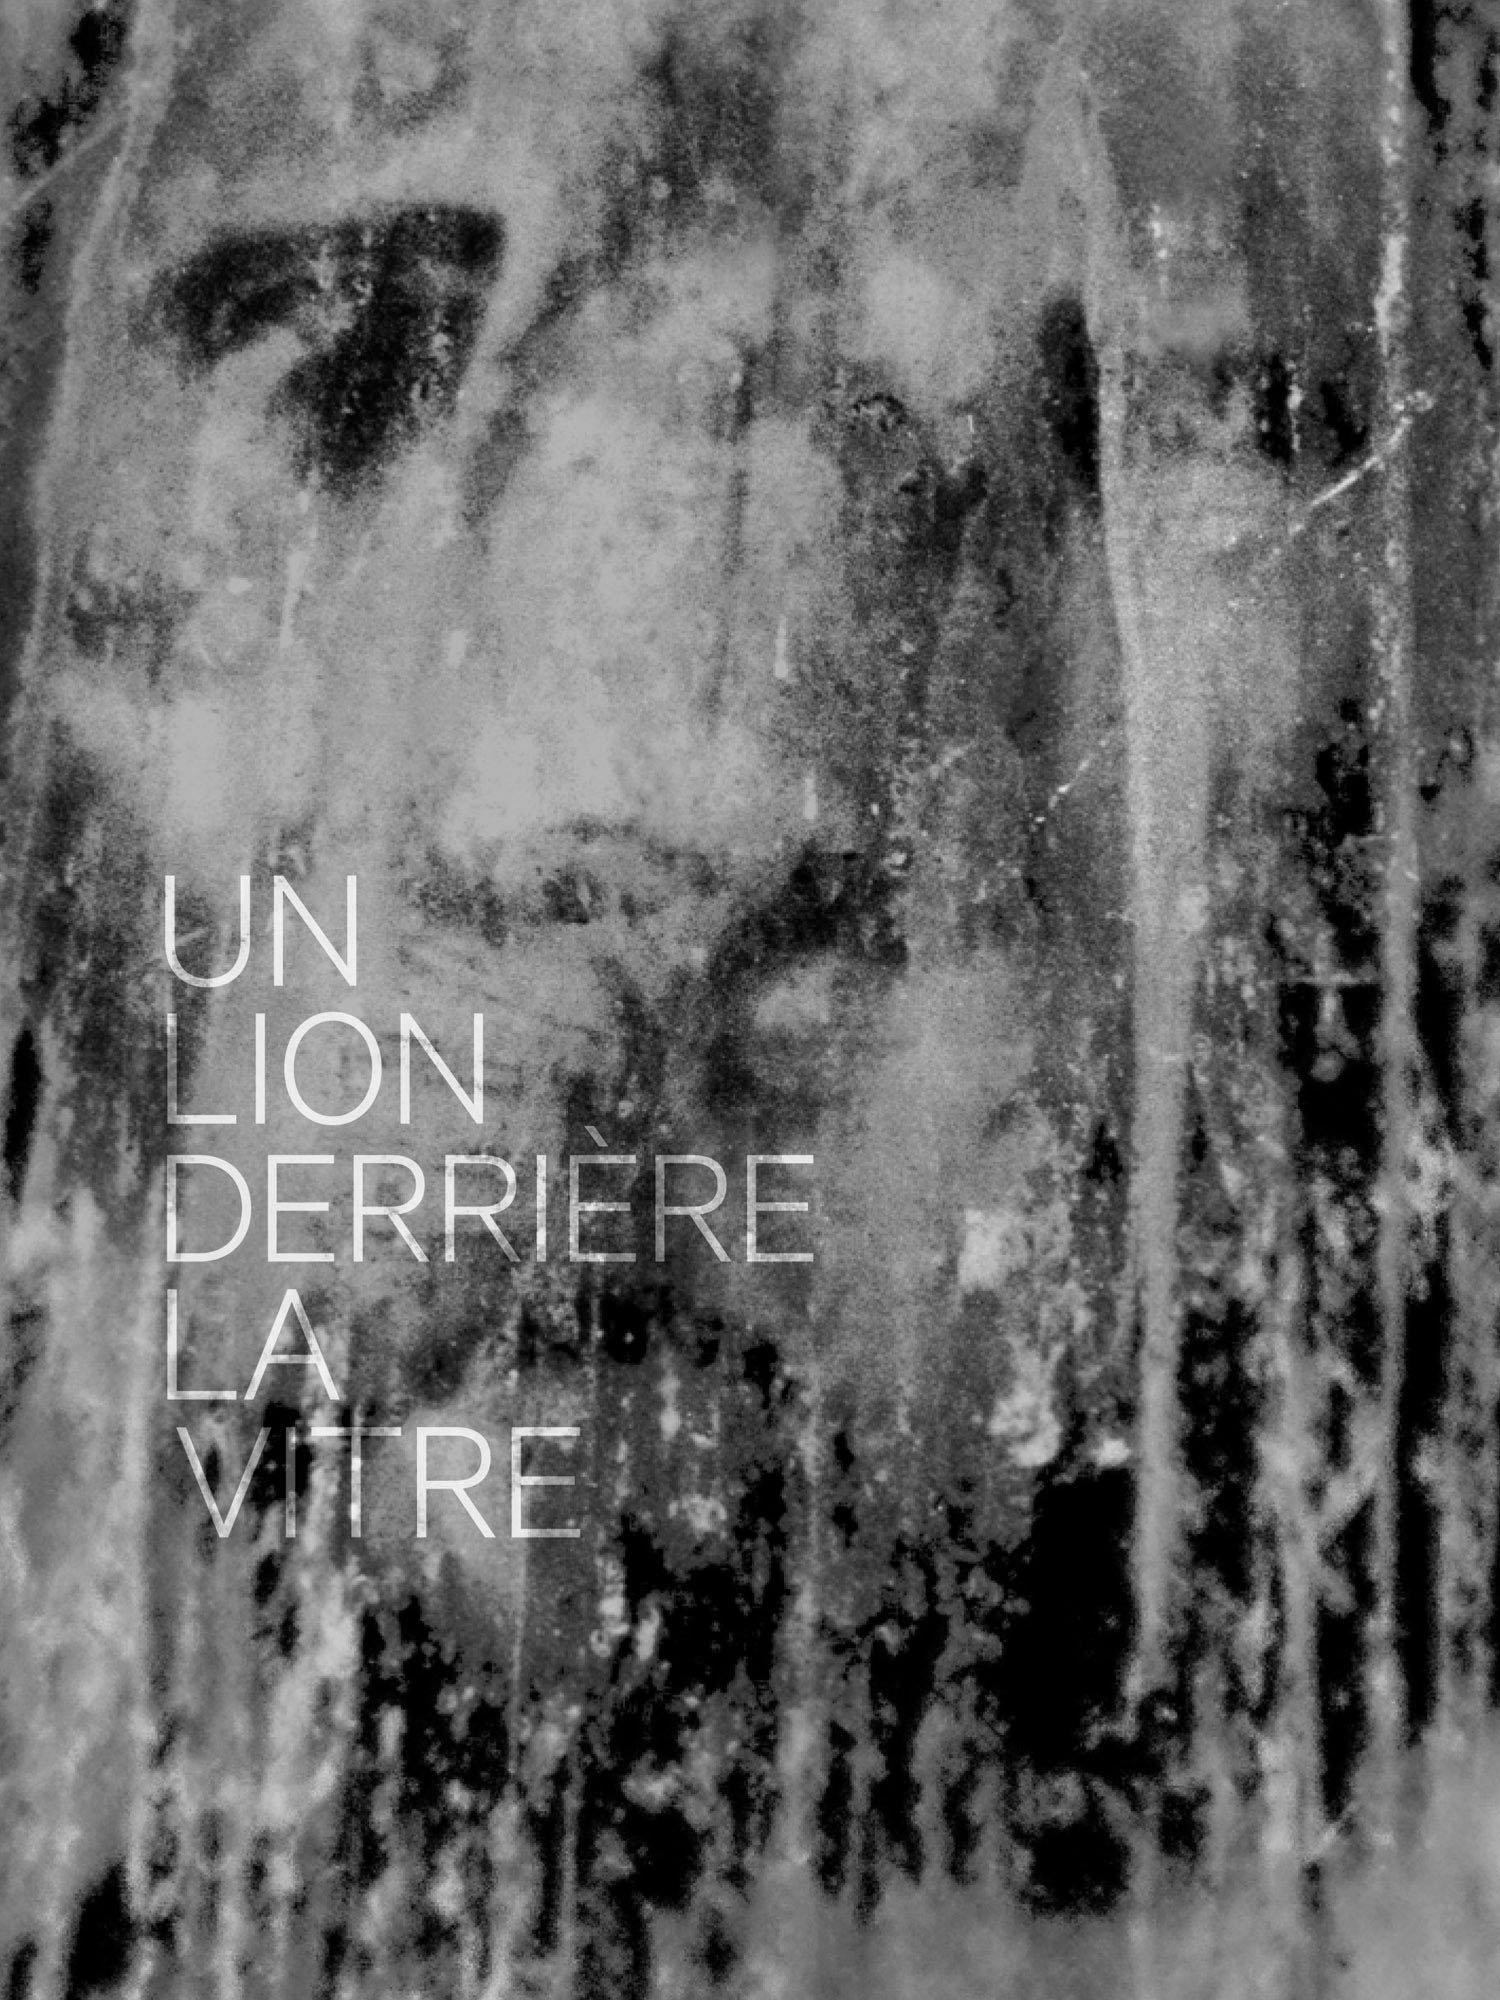 Image of UN LION DERRIERE LA VITRE ERIC LEBRUN